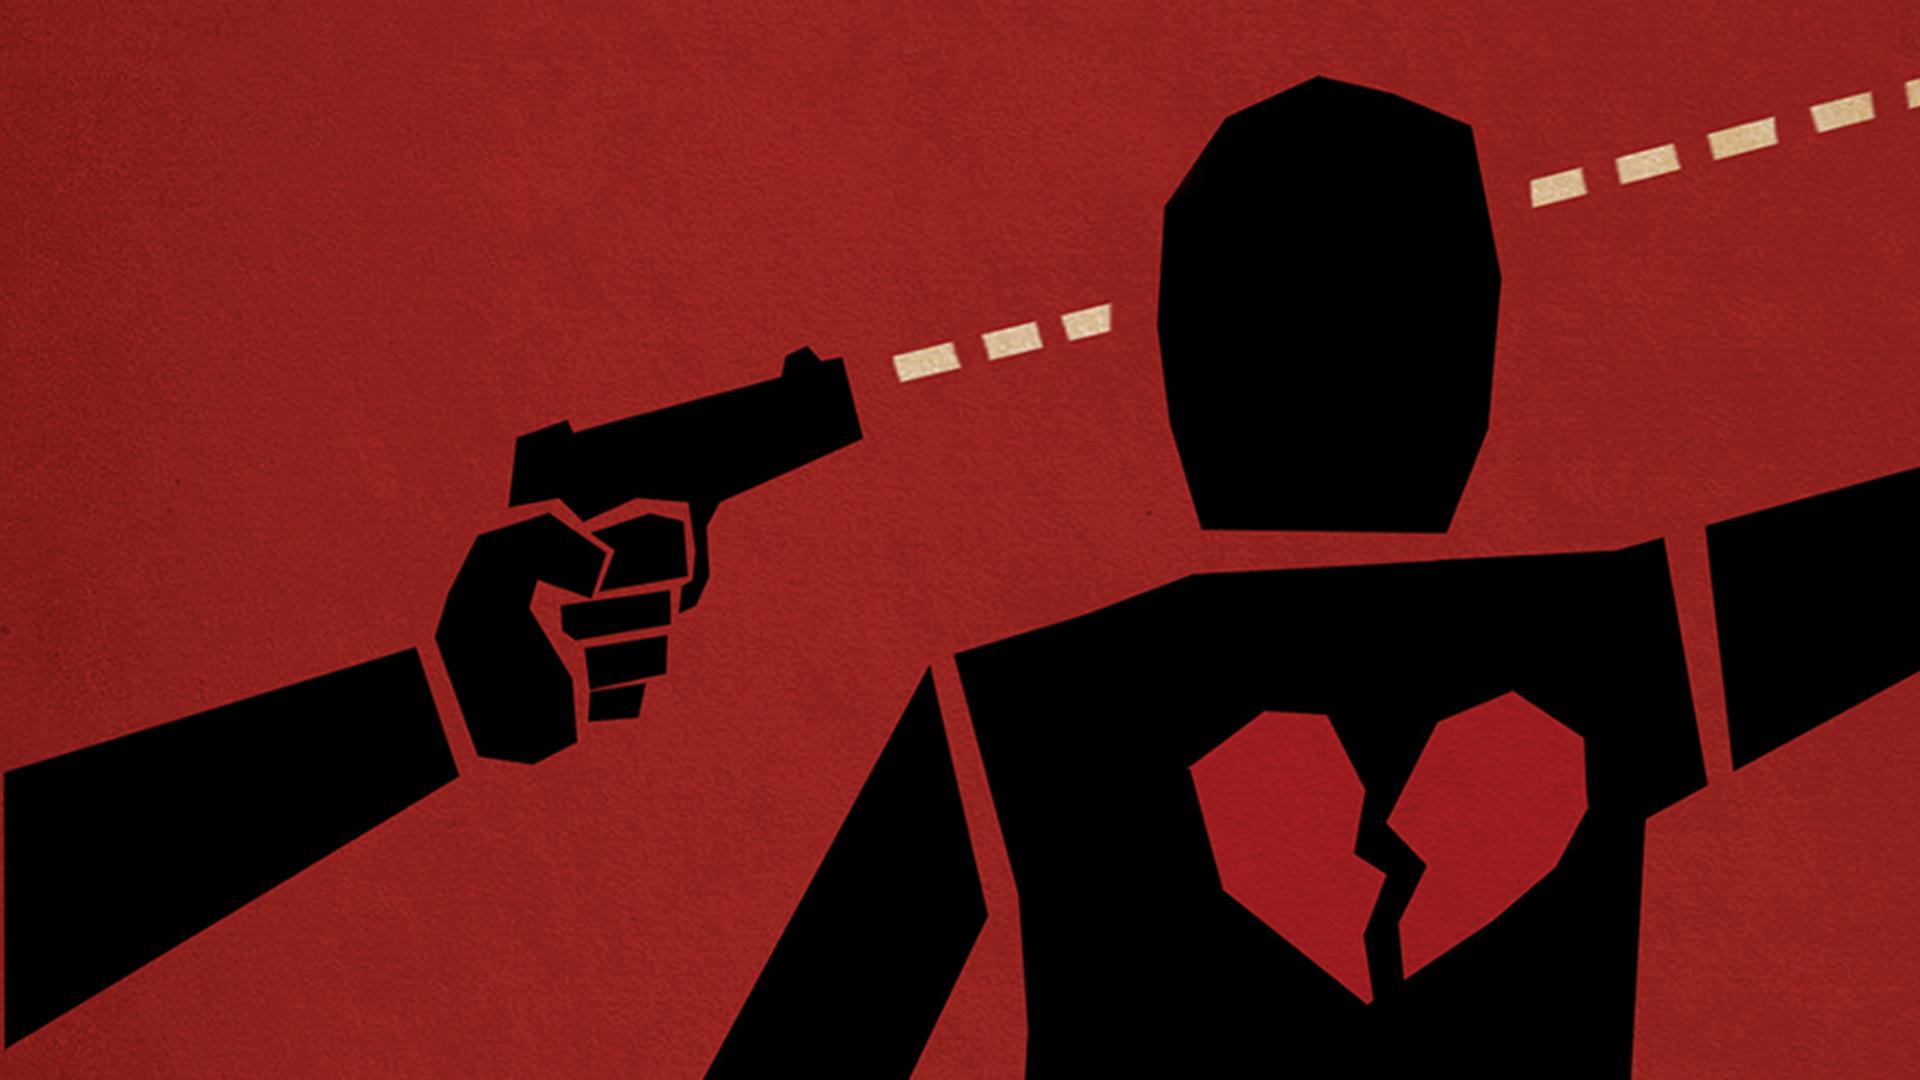 Fiasco RPG classic cover artwork